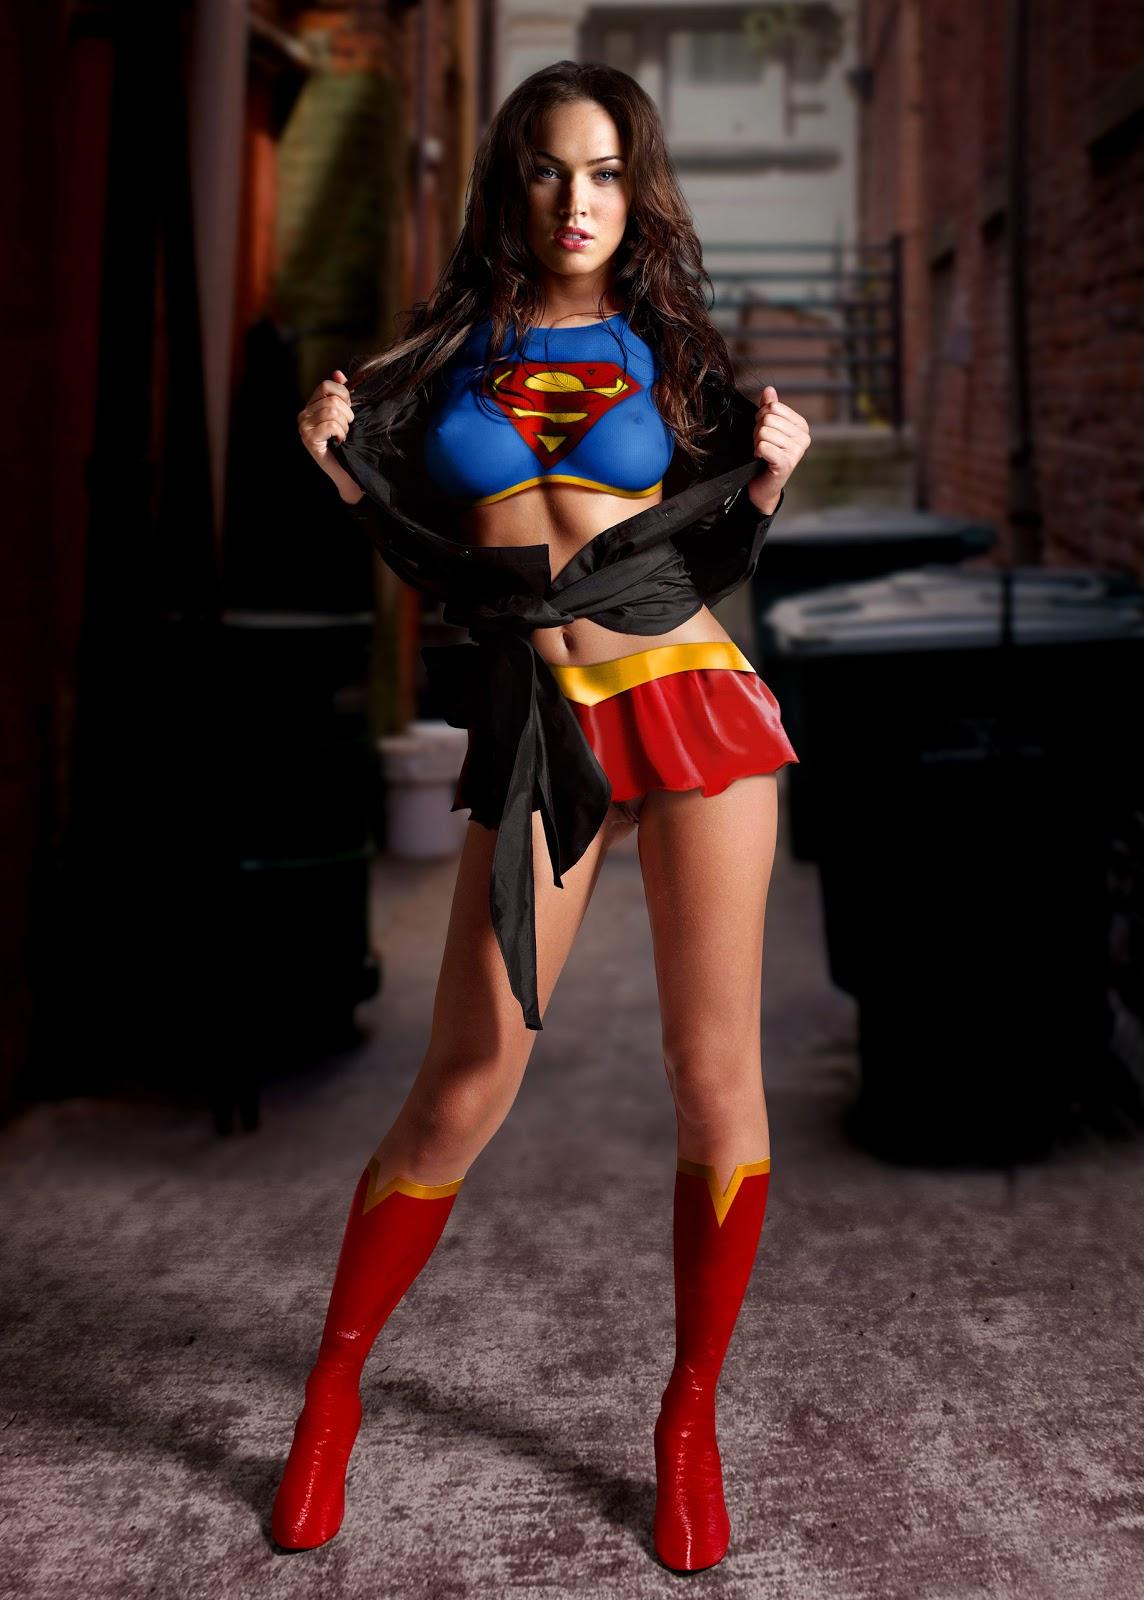 http://2.bp.blogspot.com/-wvPbFm7Yffc/TZ3xRa7Si6I/AAAAAAAAAI8/EO3i1-HFAig/s1600/Megan-Fox-Super-Girl.jpg